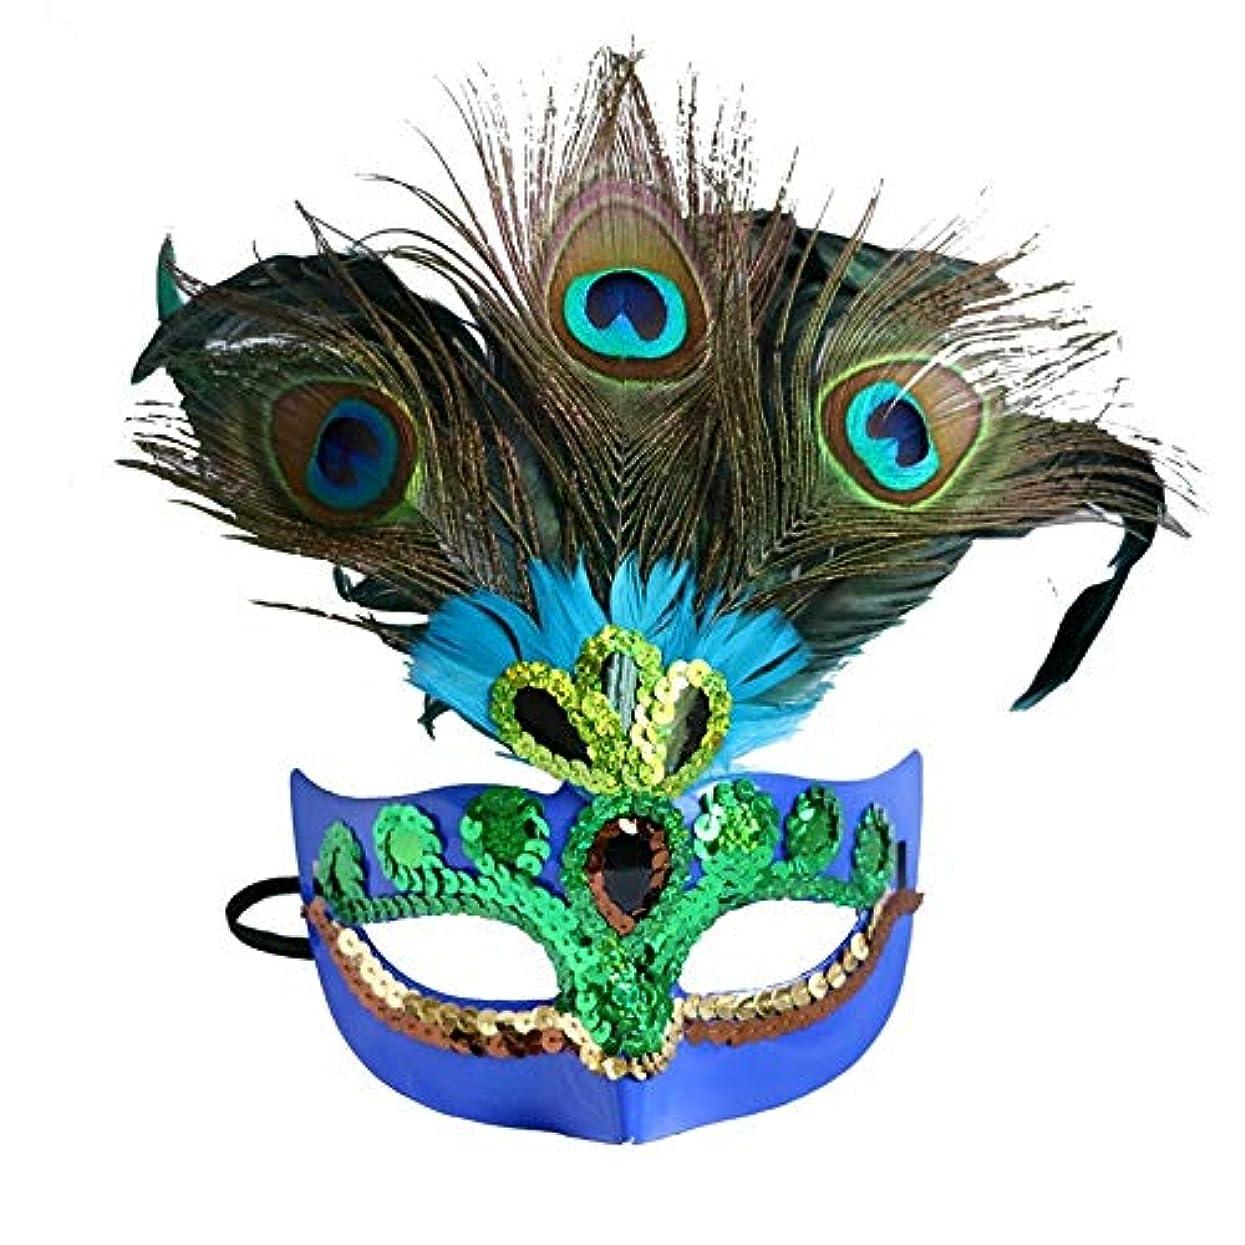 無傷抑制火山学者ダンスマスク 仮面舞踏会マスククジャクの羽パーティー衣装ハロウィンマスクボール目猫女性マスクハーフマスク パーティーボールマスク (色 : 青, サイズ : 18x25cm)